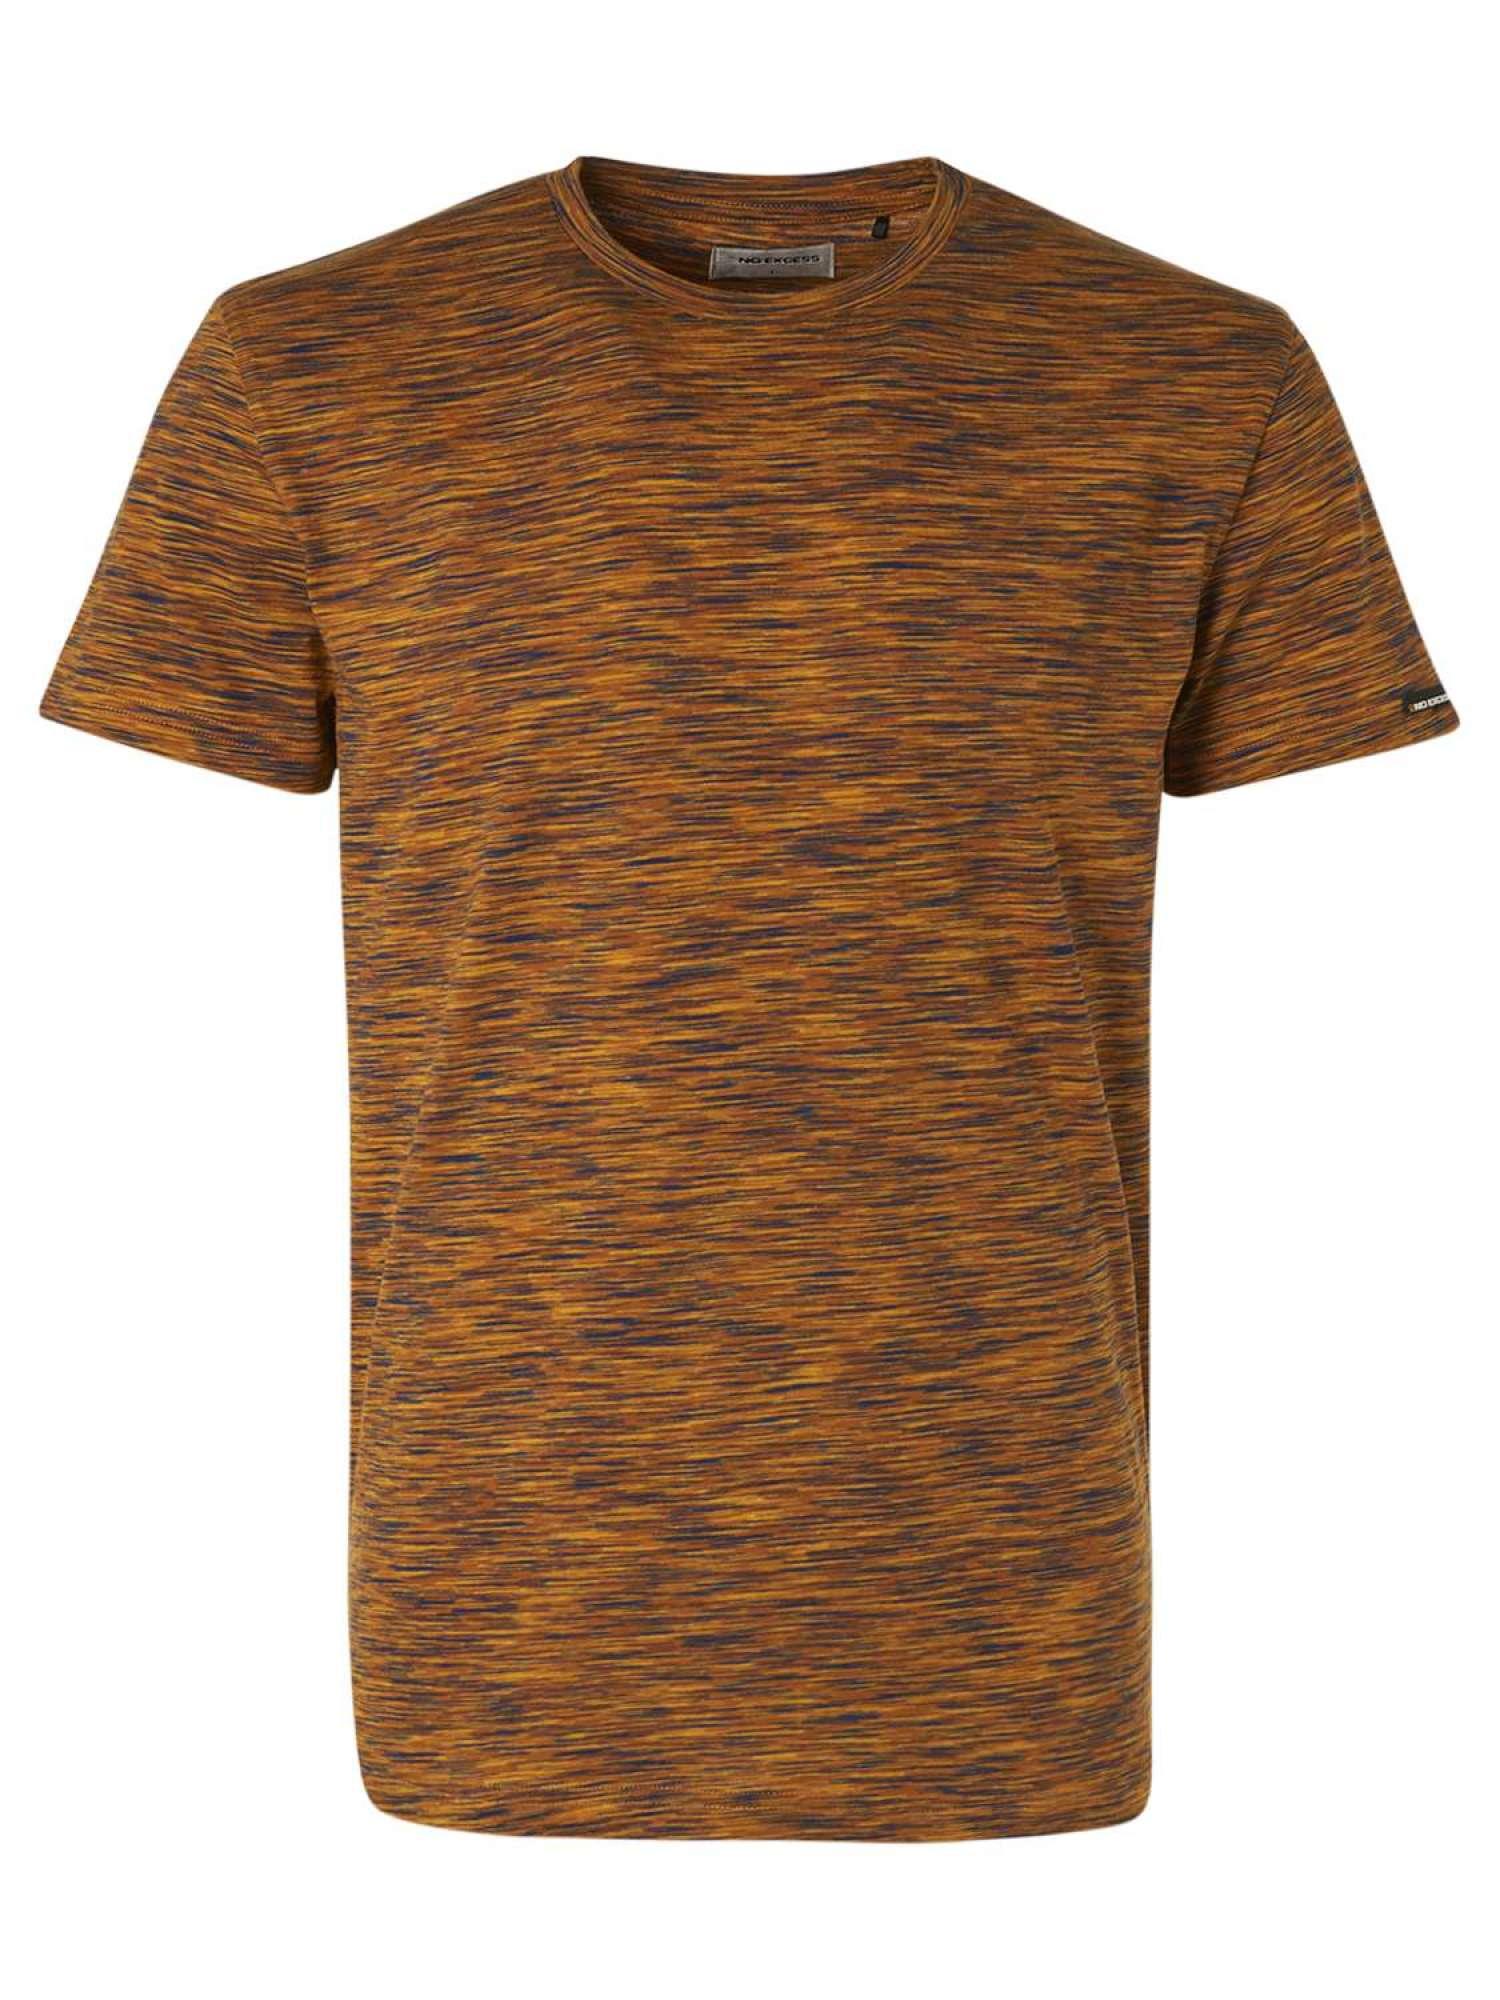 T-shirt crewneck multi coloured yar sun